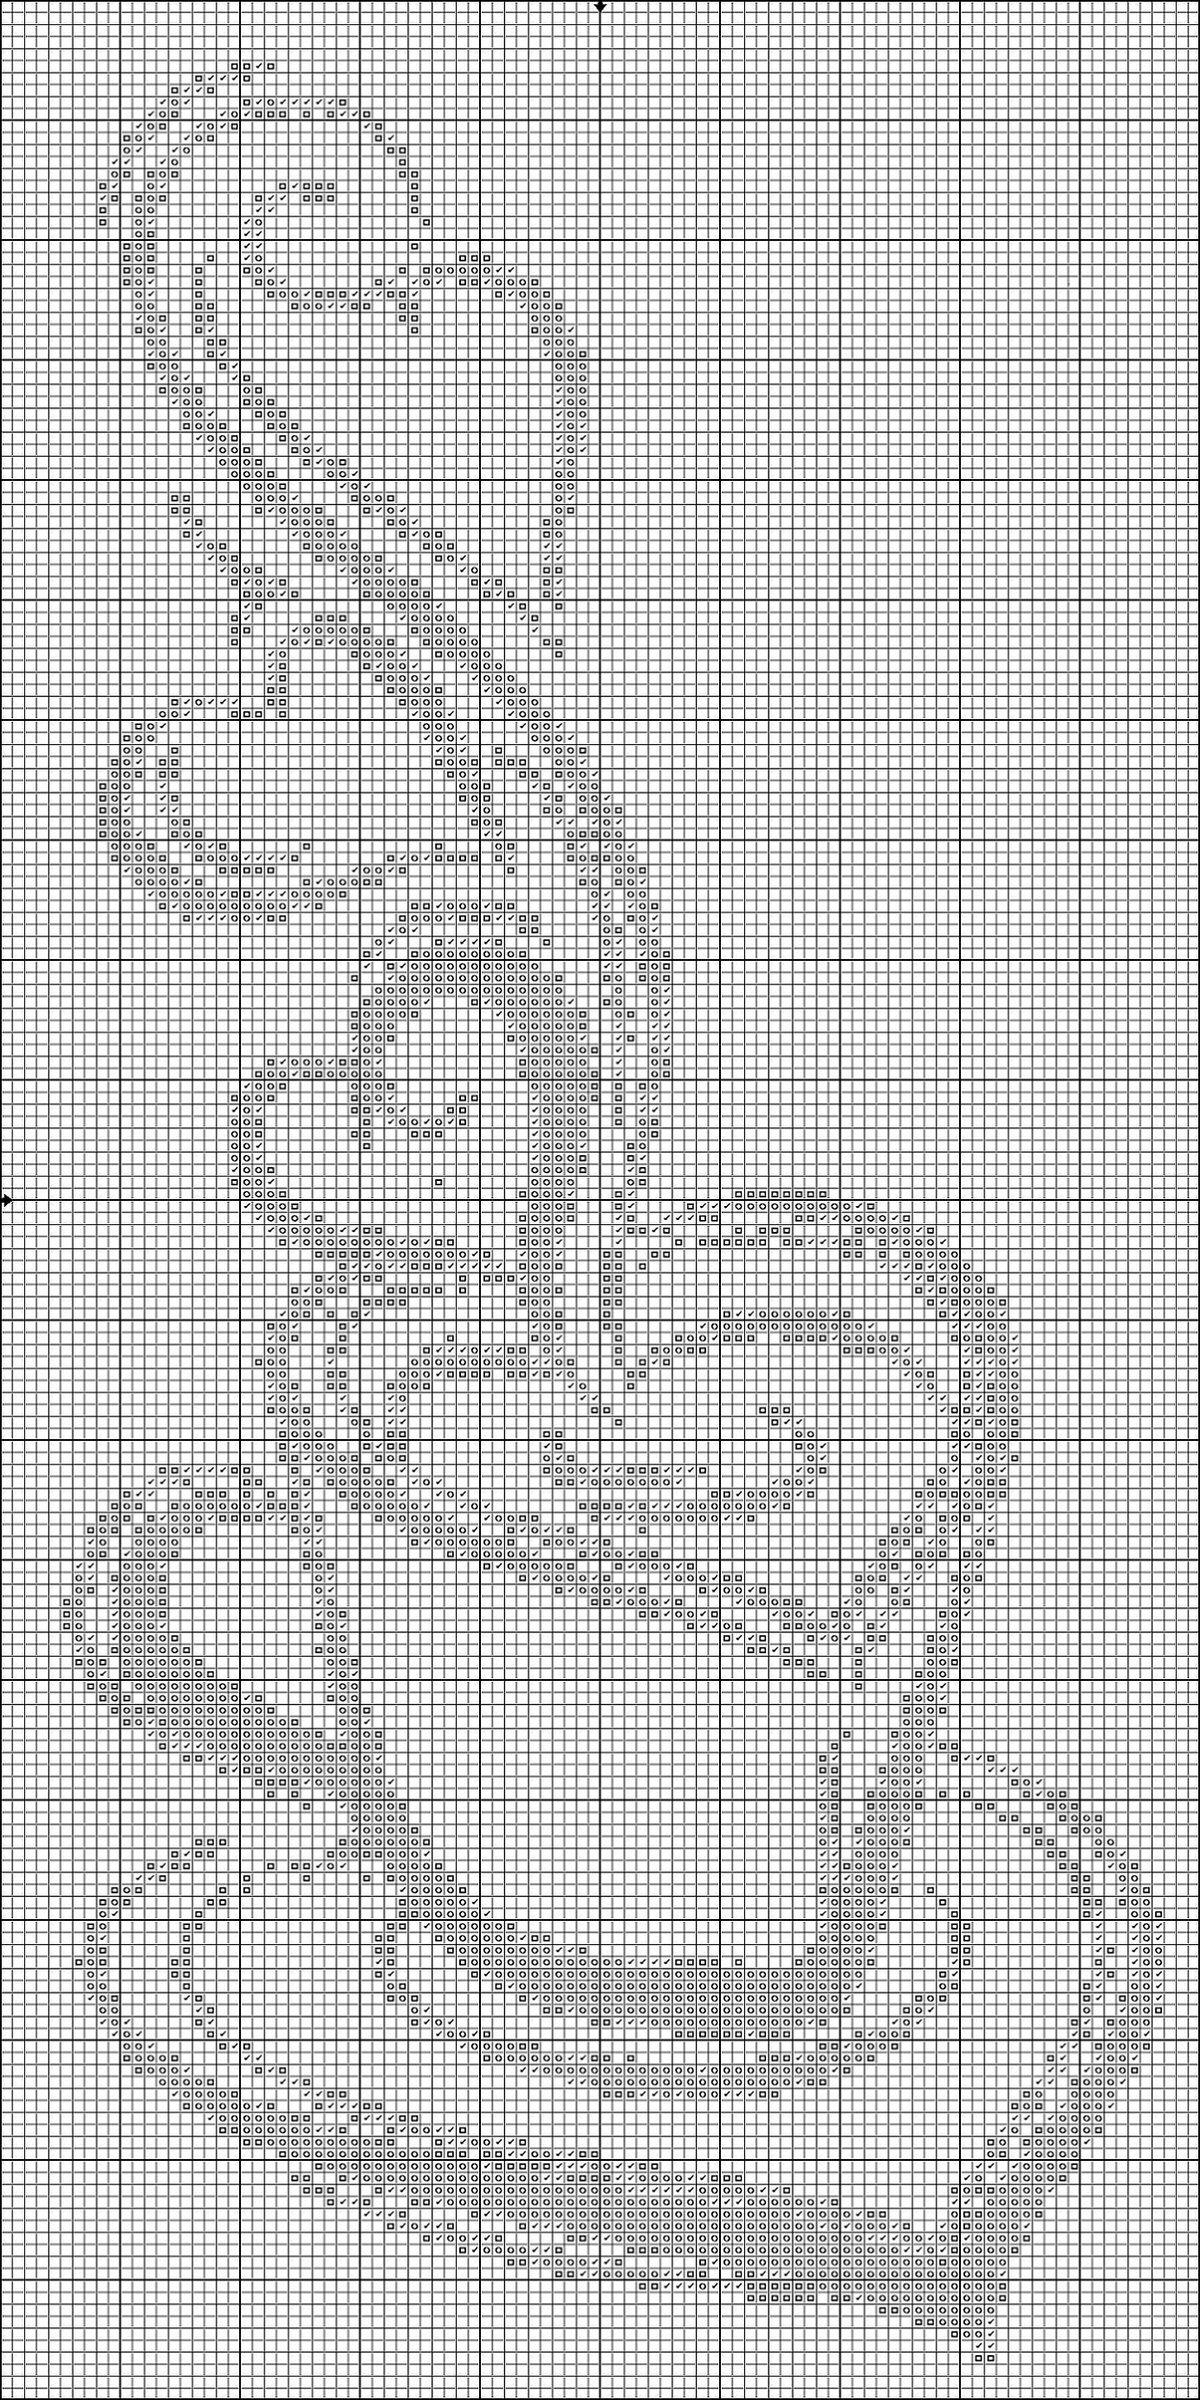 Вышивка крестом кофе схема 24